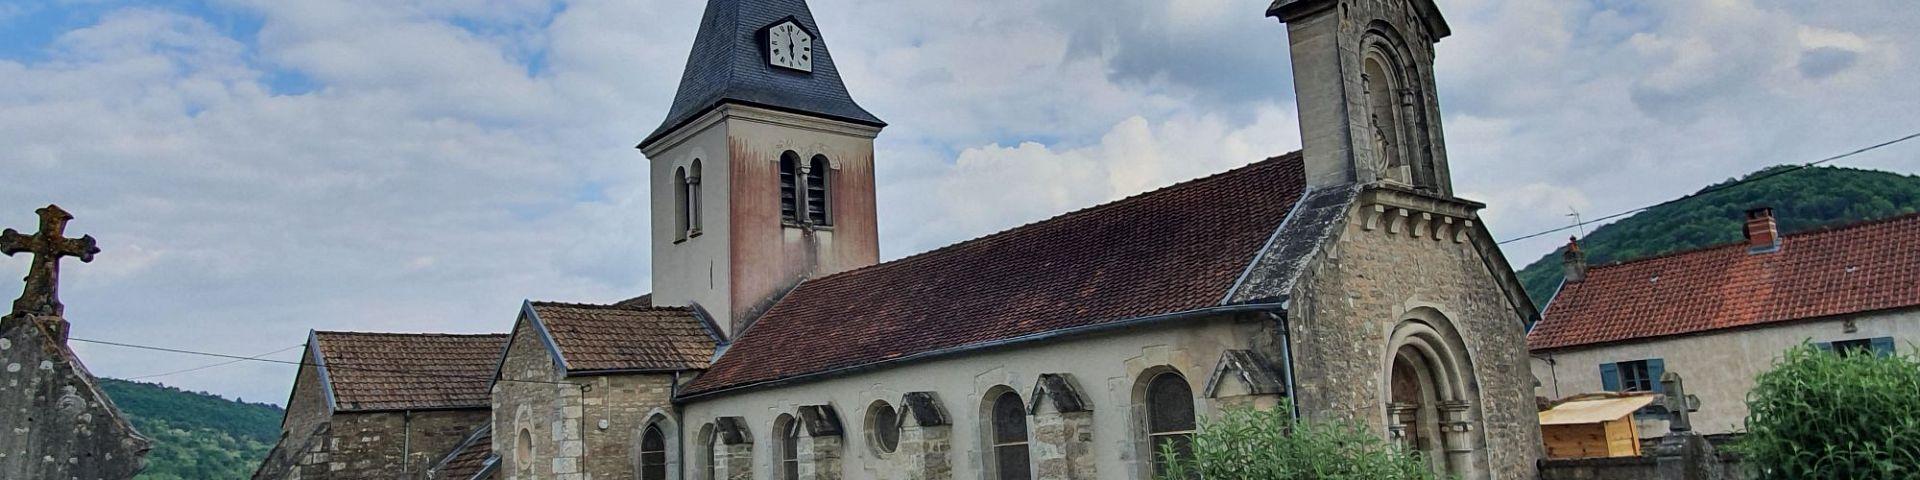 Remilly-en-Montagne - Eglise St-Pierre-és-Liens (21)